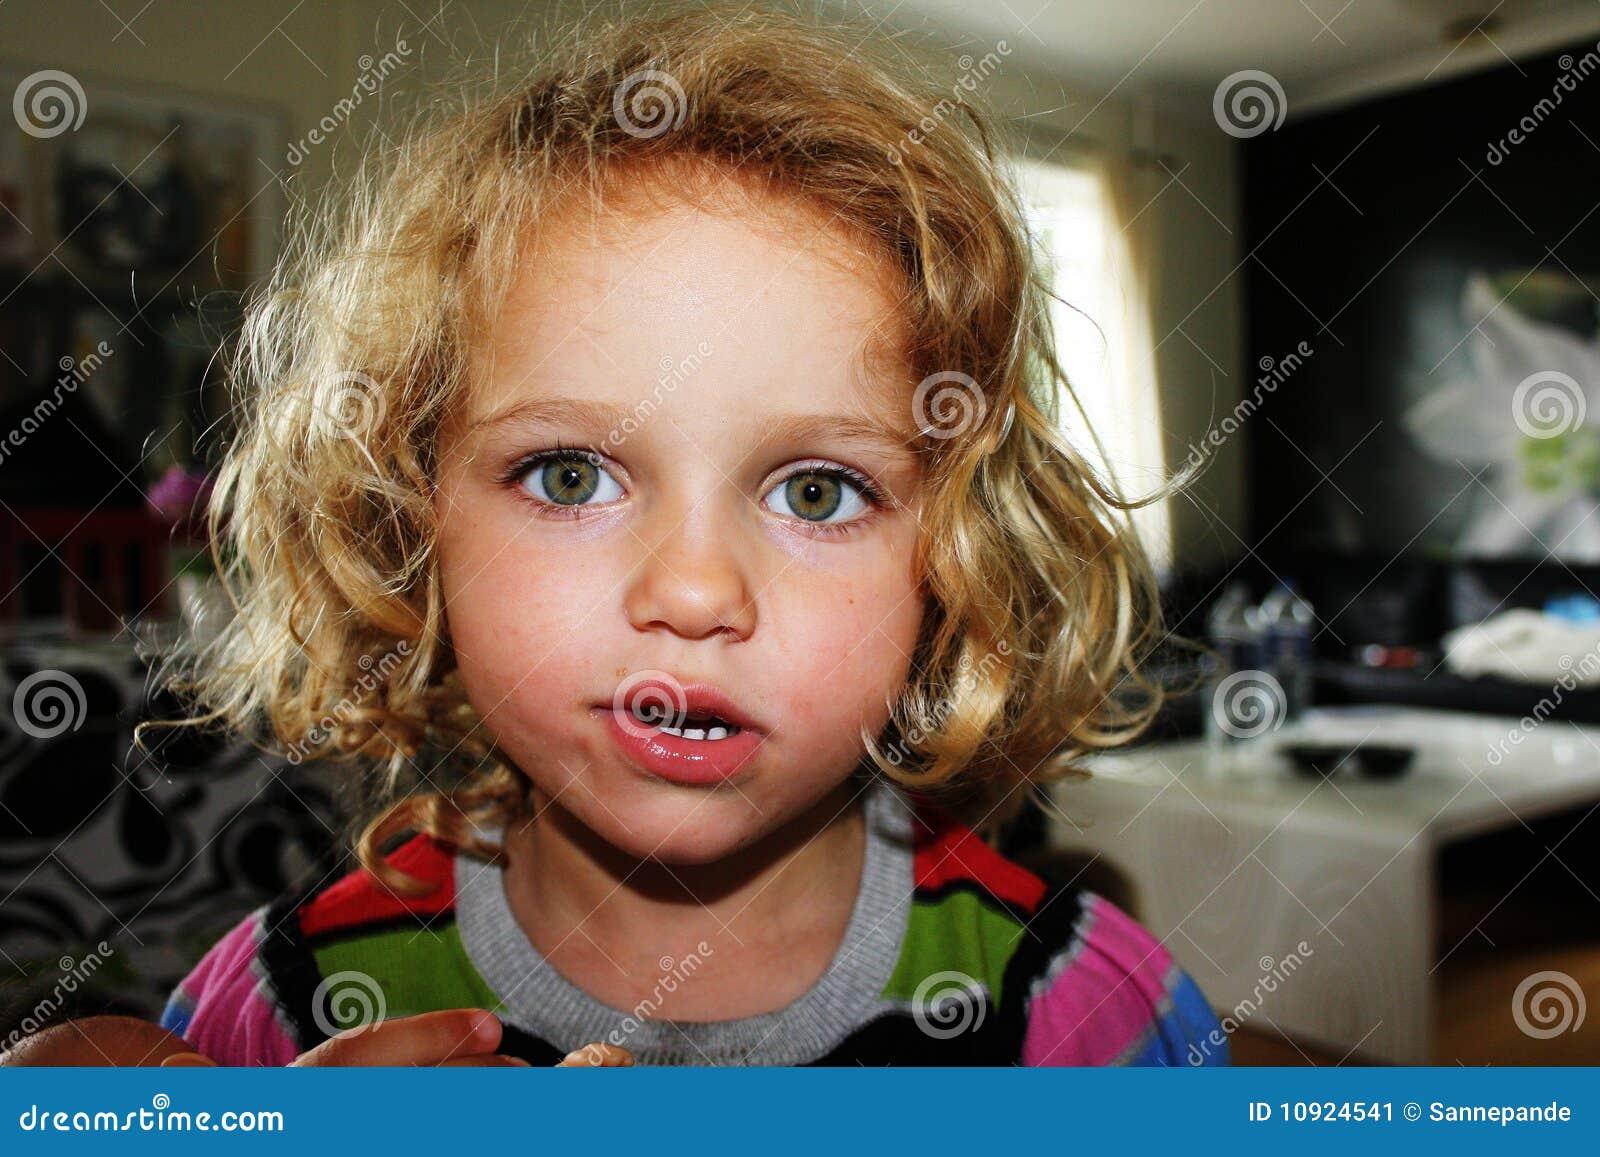 Weird Looking Girl Stock Image - Image: 10924541